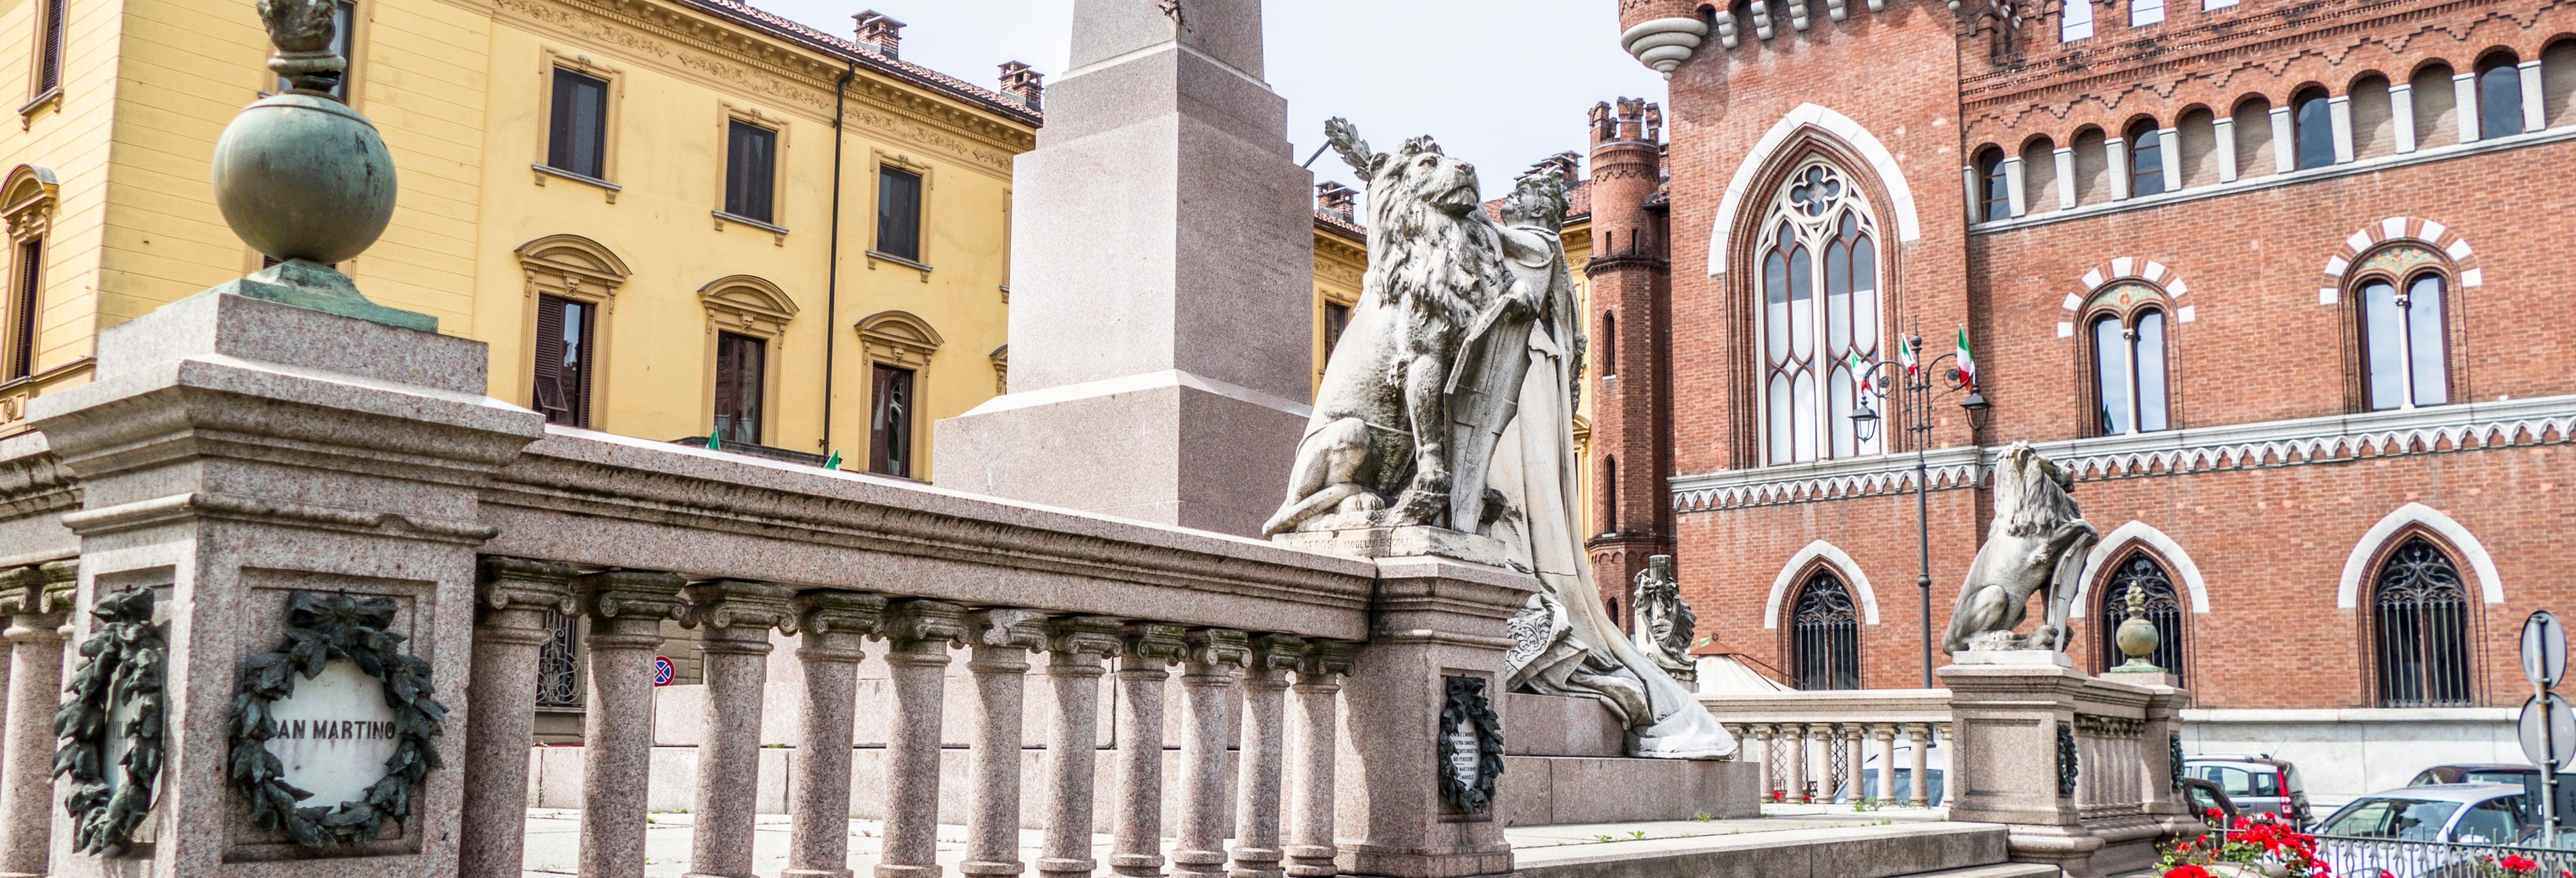 Visita guiada por Asti